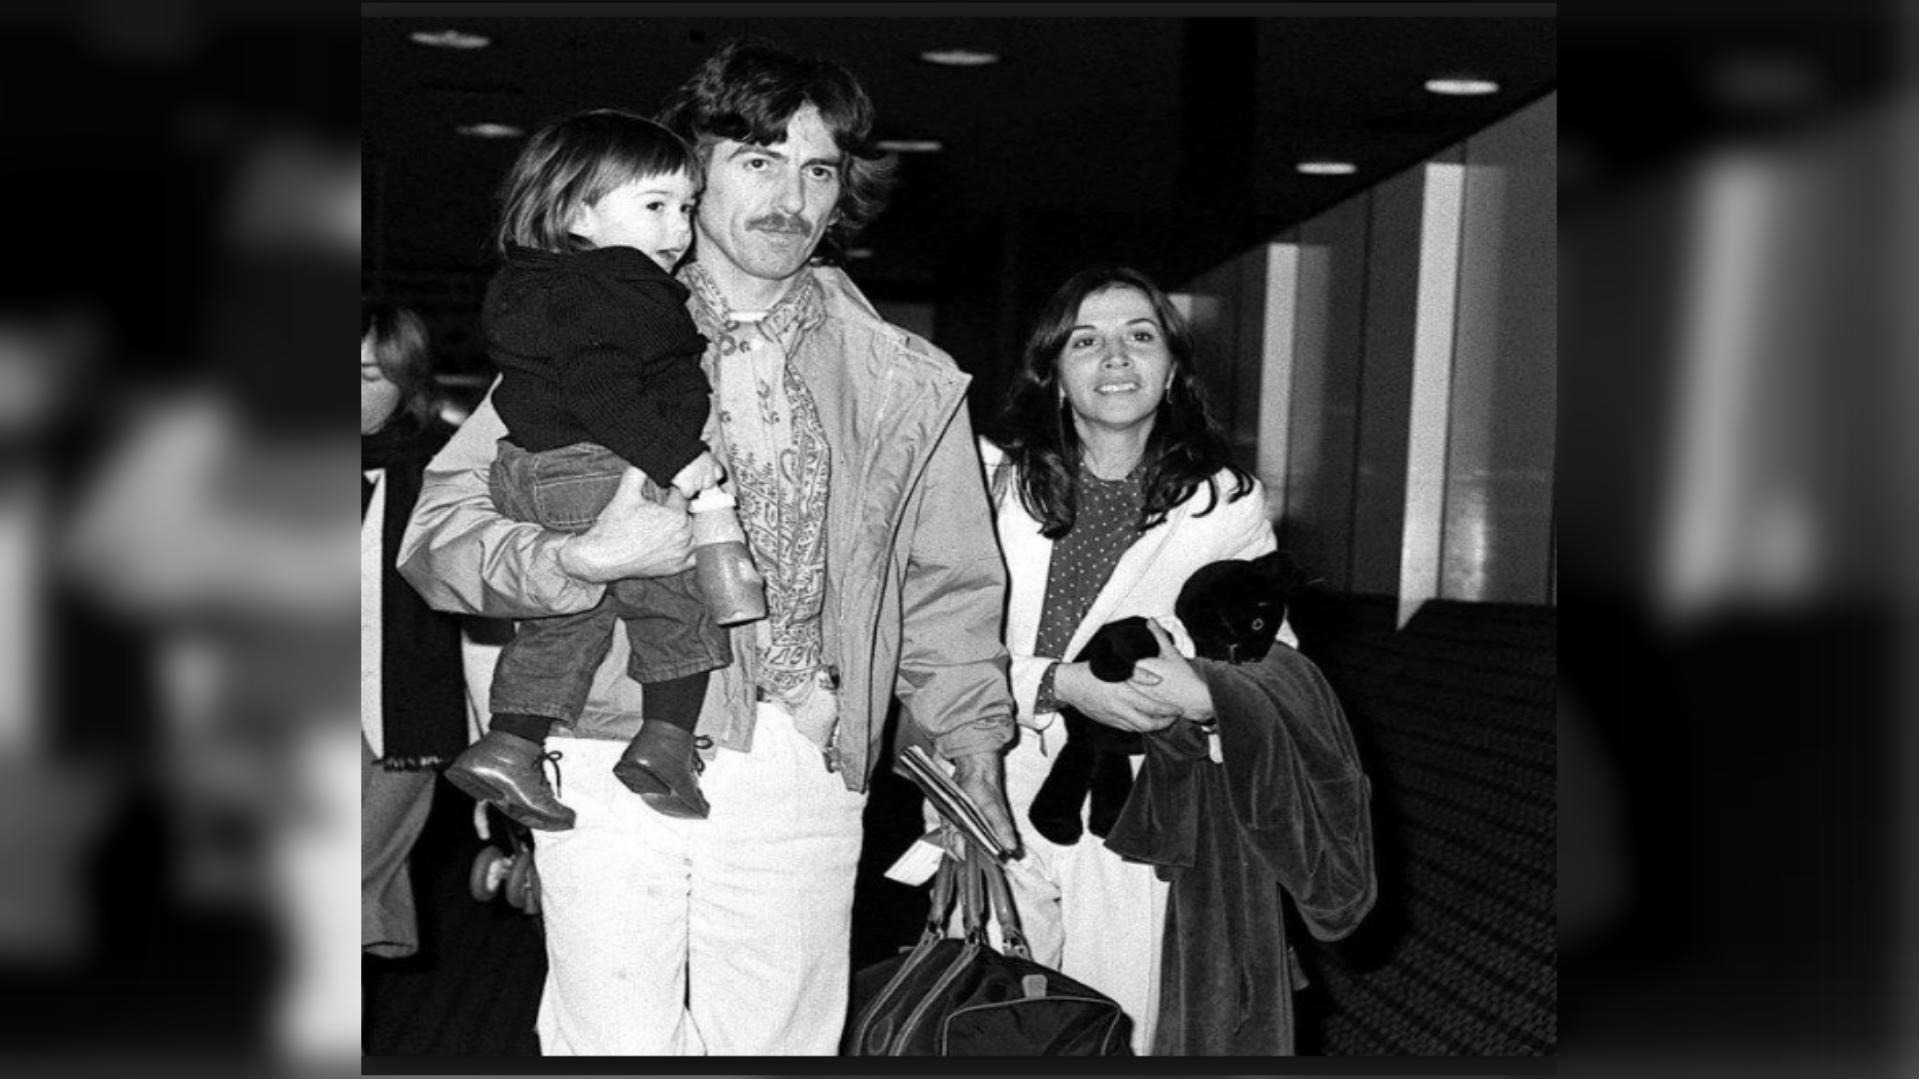 George encontró con Olivia la paz emocional y espiritual (Foto: AP)